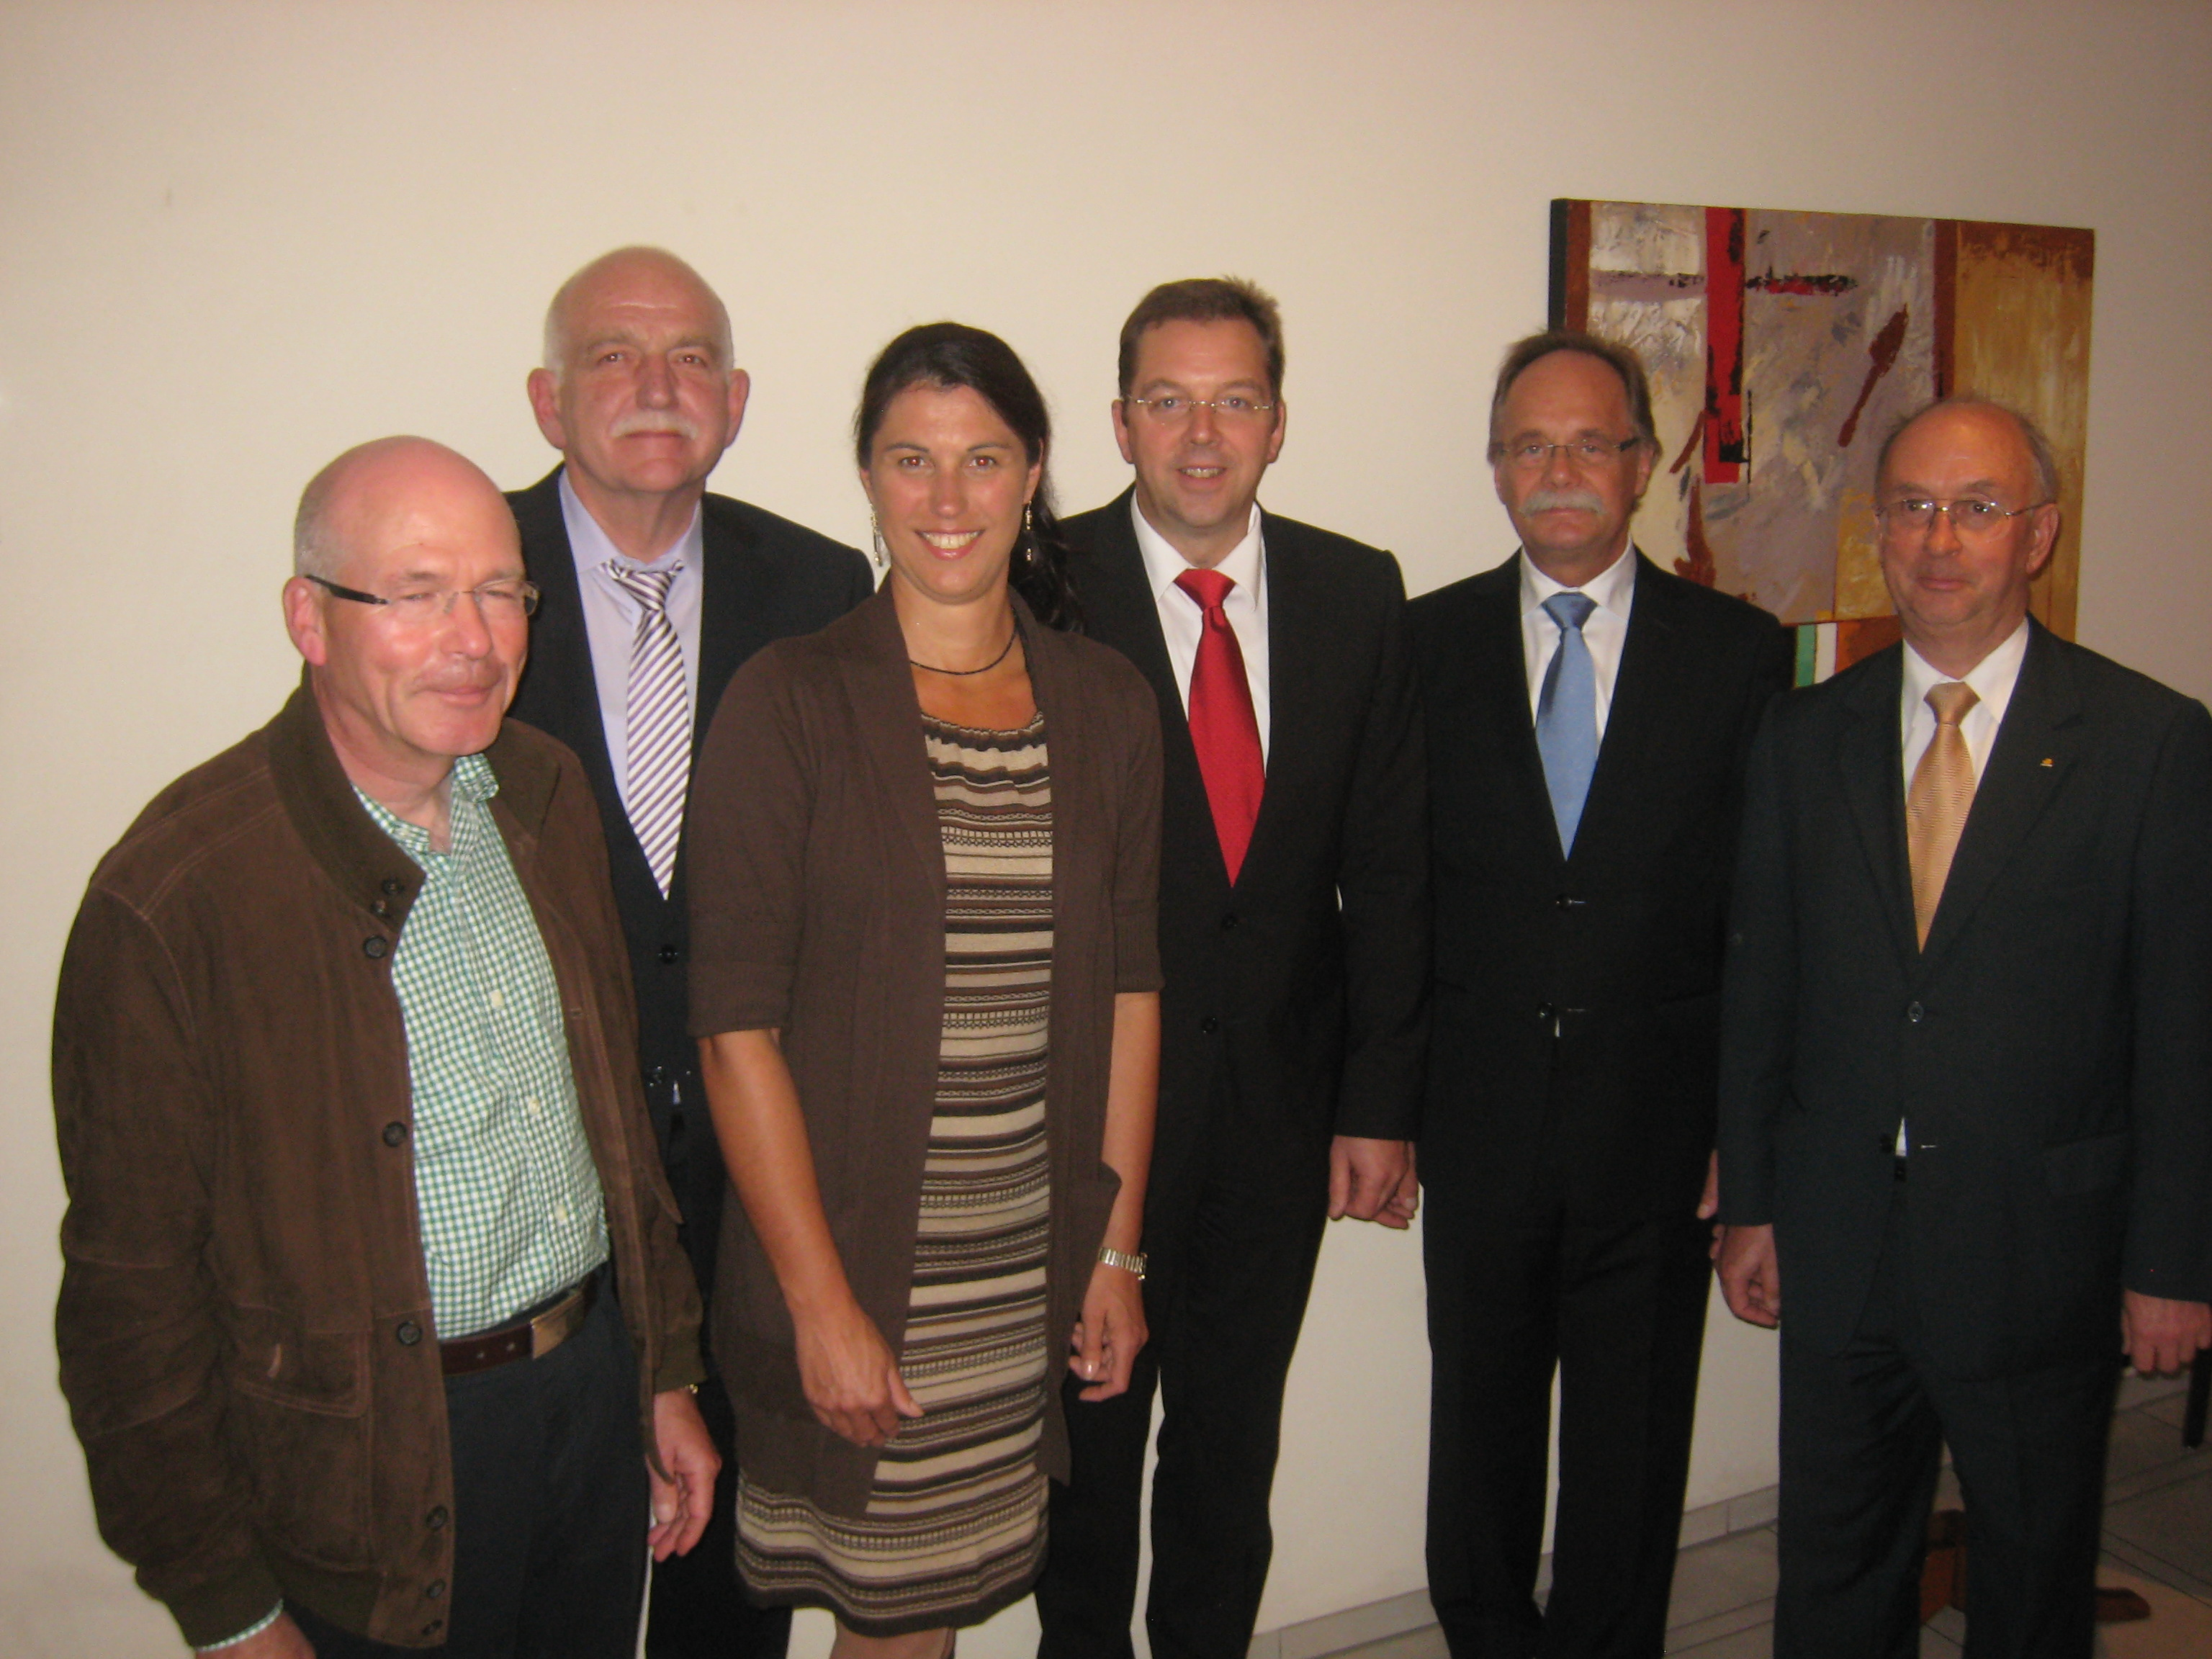 Foto v.l.n.r.: Dr. August-Wilhelm Preuss, Bernhard Schemmer MdL, Silke Sommers, Ludger Konrad, Dr. Georg Matzel, Werner Vogel